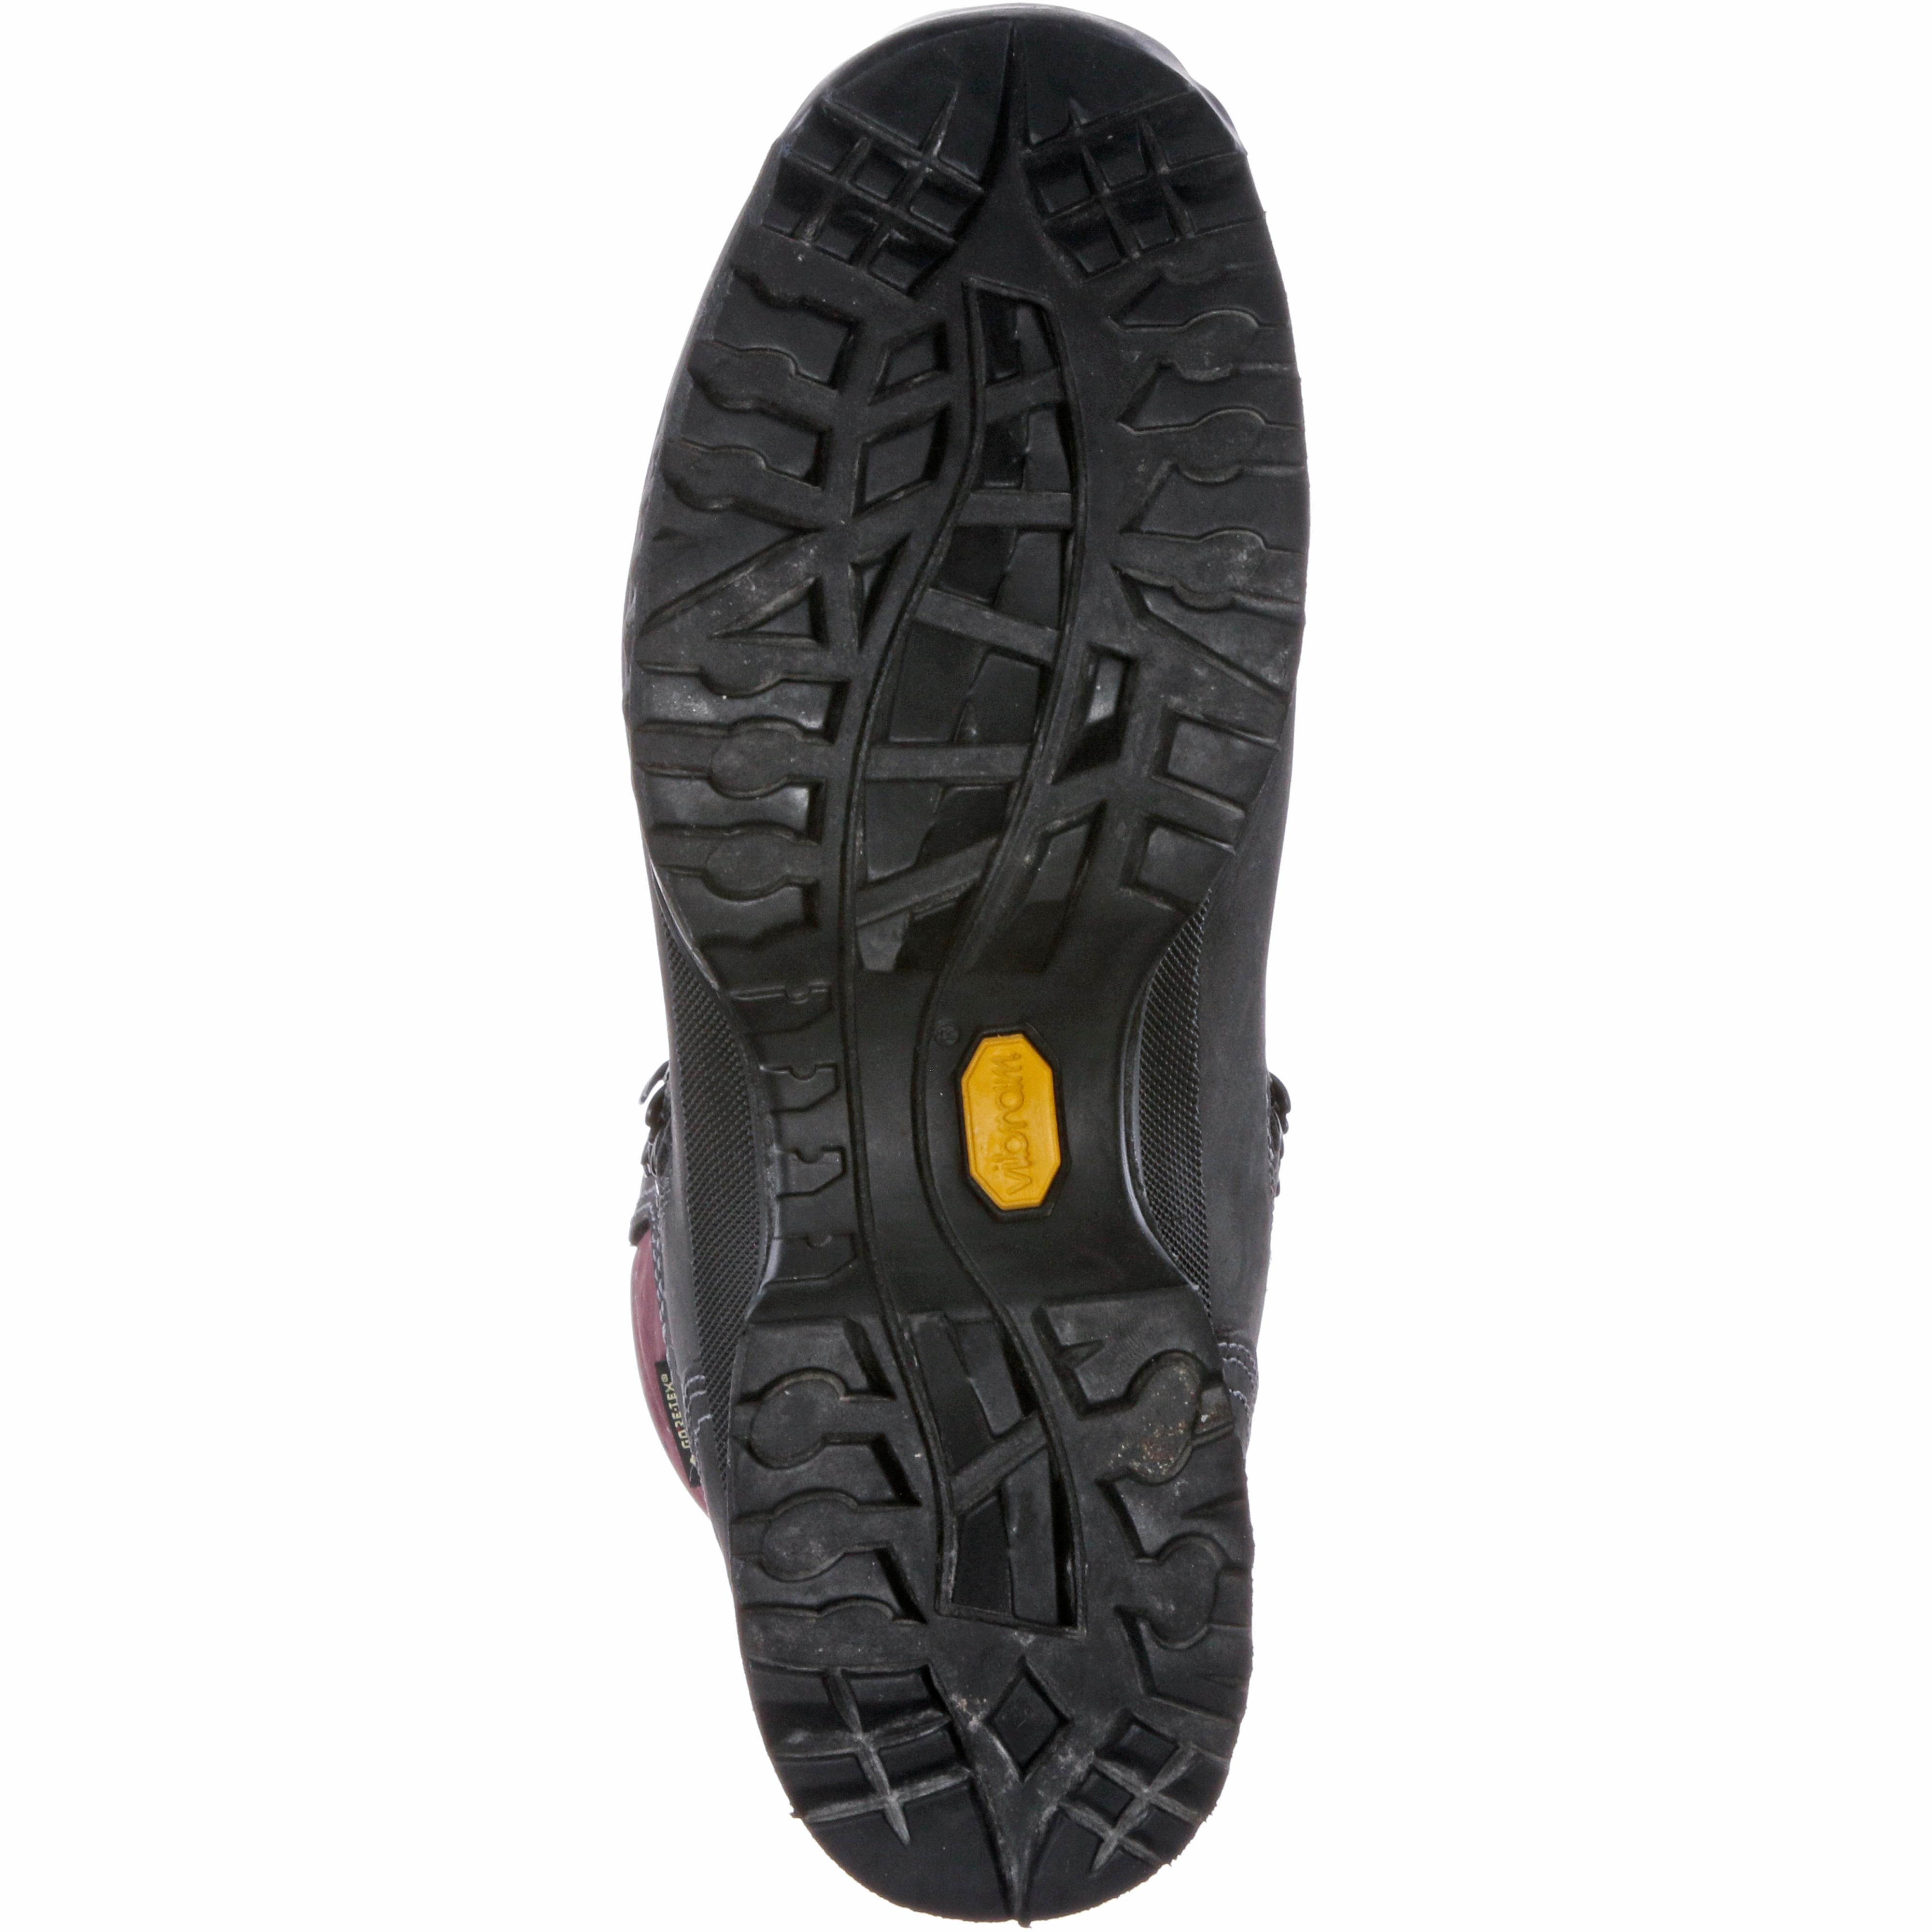 Hanwag Hanwag Hanwag Tatra II Lady GTX Wanderschuhe Damen asphalt-dark garnet im Online Shop von SportScheck kaufen Gute Qualität beliebte Schuhe 02b7ce